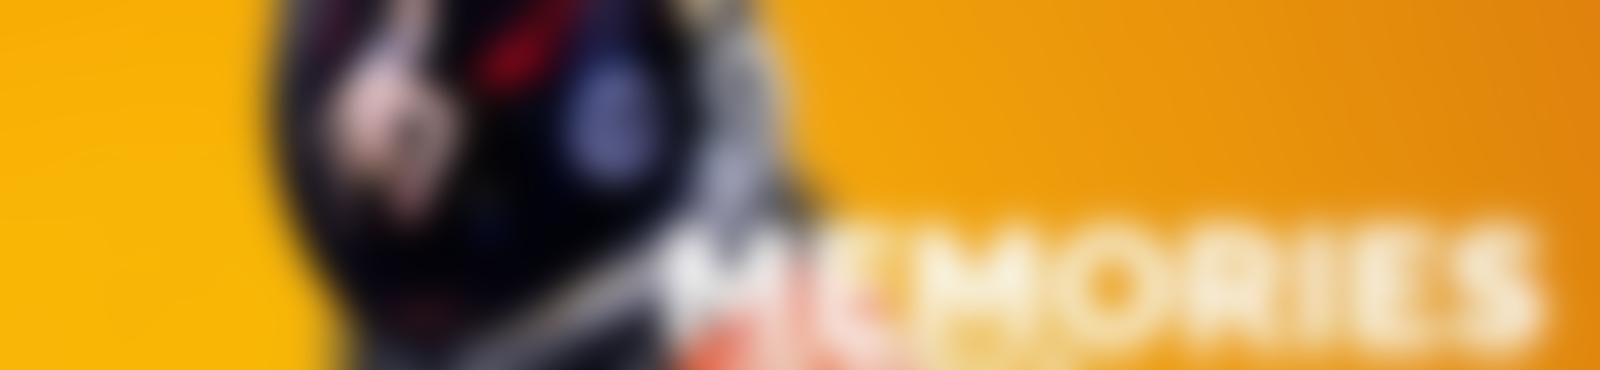 Blurred 2ab0da97 419a 489c a556 deb7f64a2111